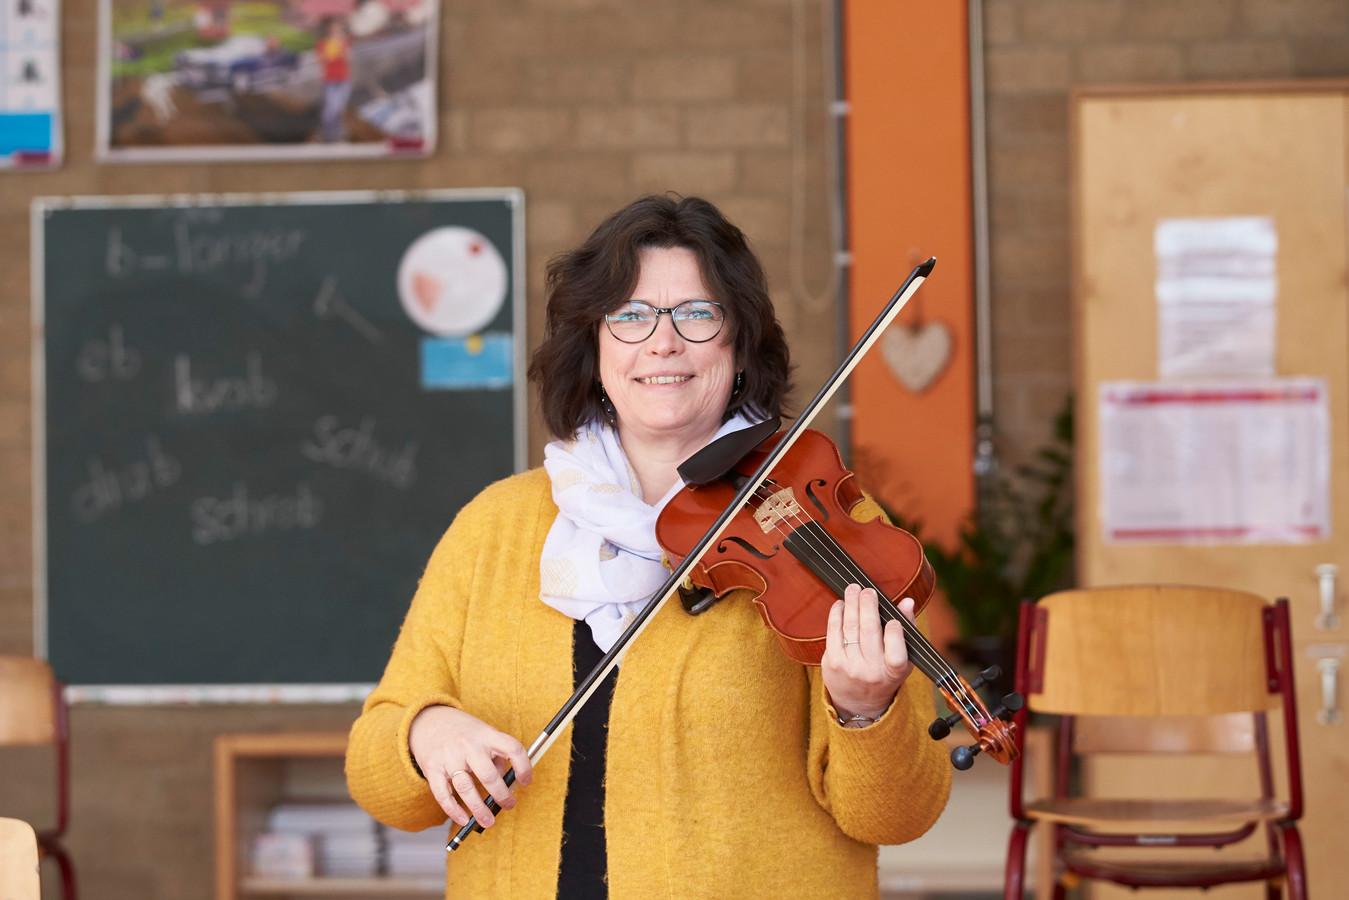 """Symone Boerstoel verruilde vanwege de coronacrisis de concertzaal voor het klaslokaal. ,,Ik word geen beroepsmusicus meer, ook niet als corona achter de rug is. Ik ga helemaal voor het lesgeven."""""""